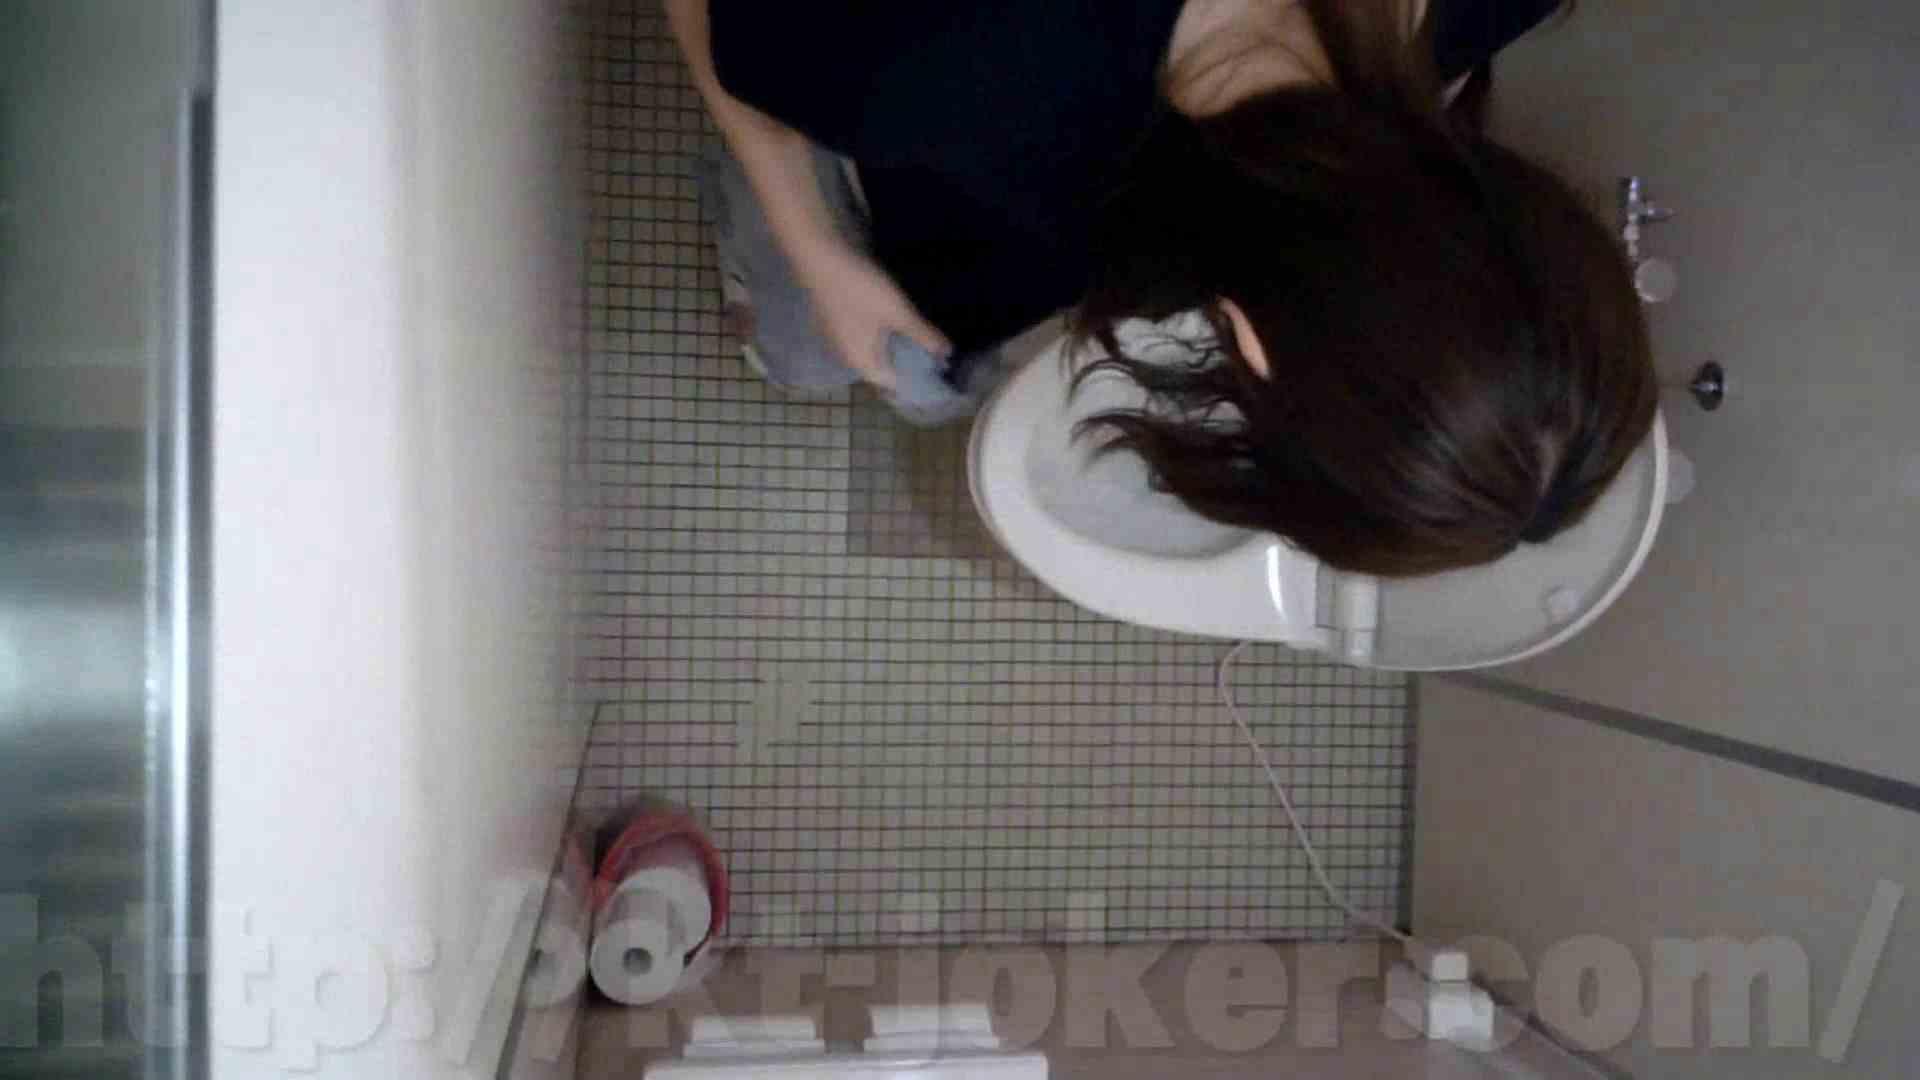 有名大学女性洗面所 vol.50 個室には3つの「目」があるみたいです。 和式 盗み撮りSEX無修正画像 67画像 59